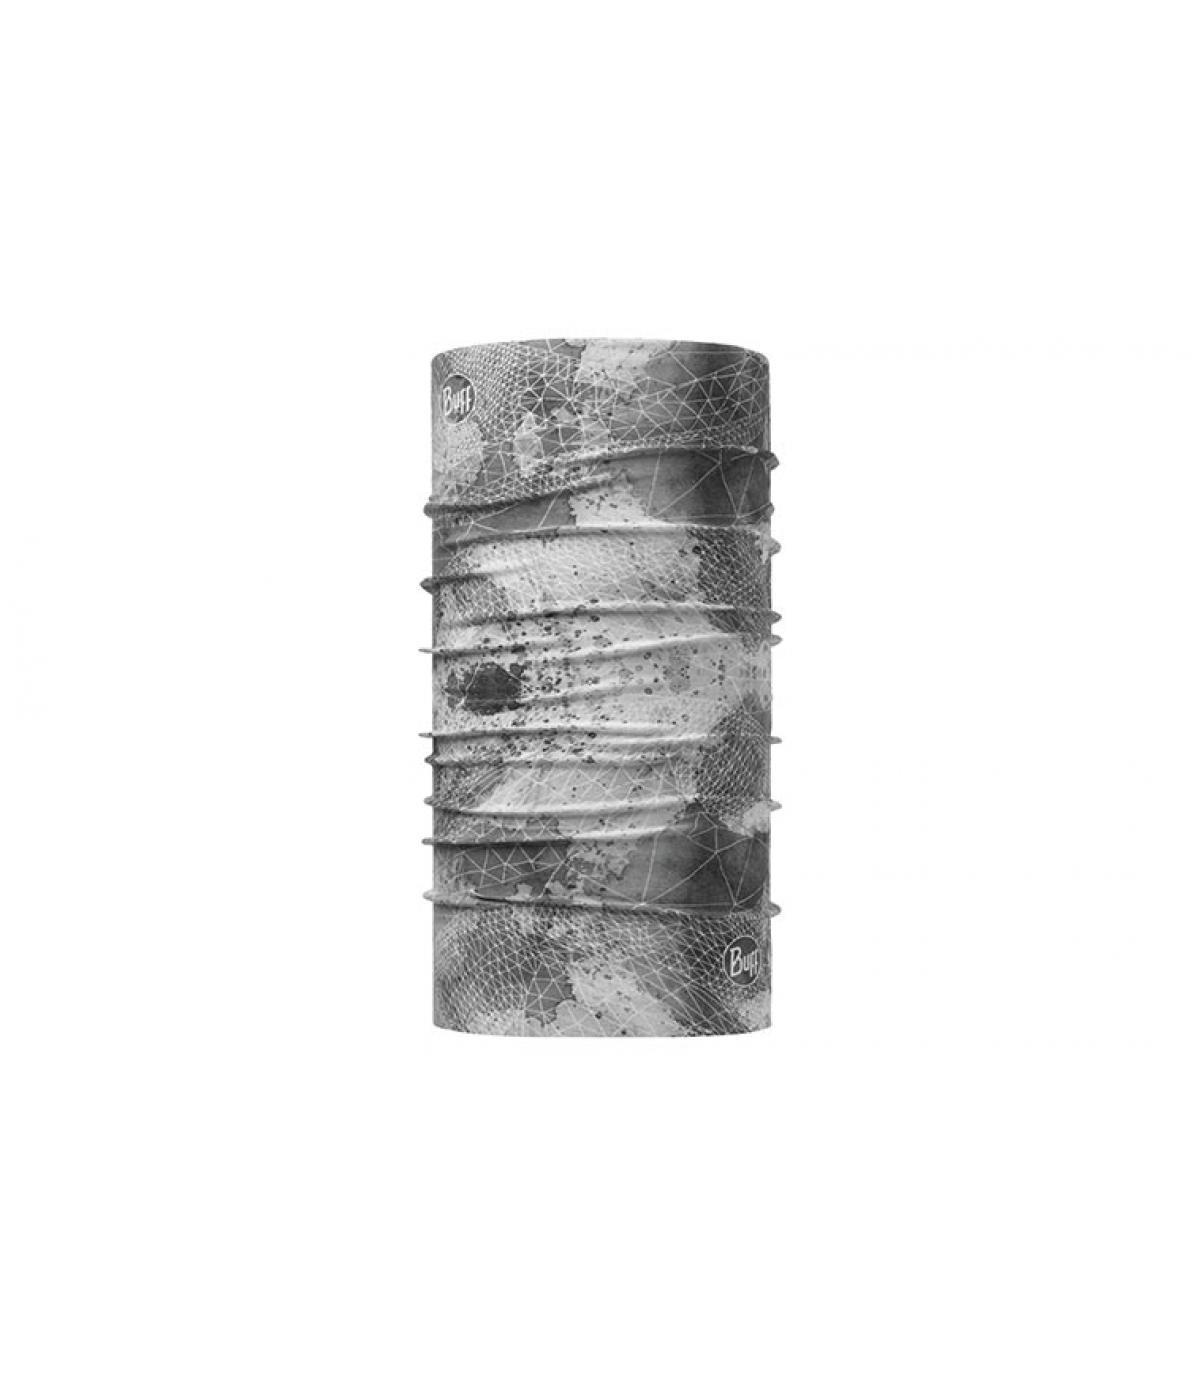 Buff grigio chiaro stampato